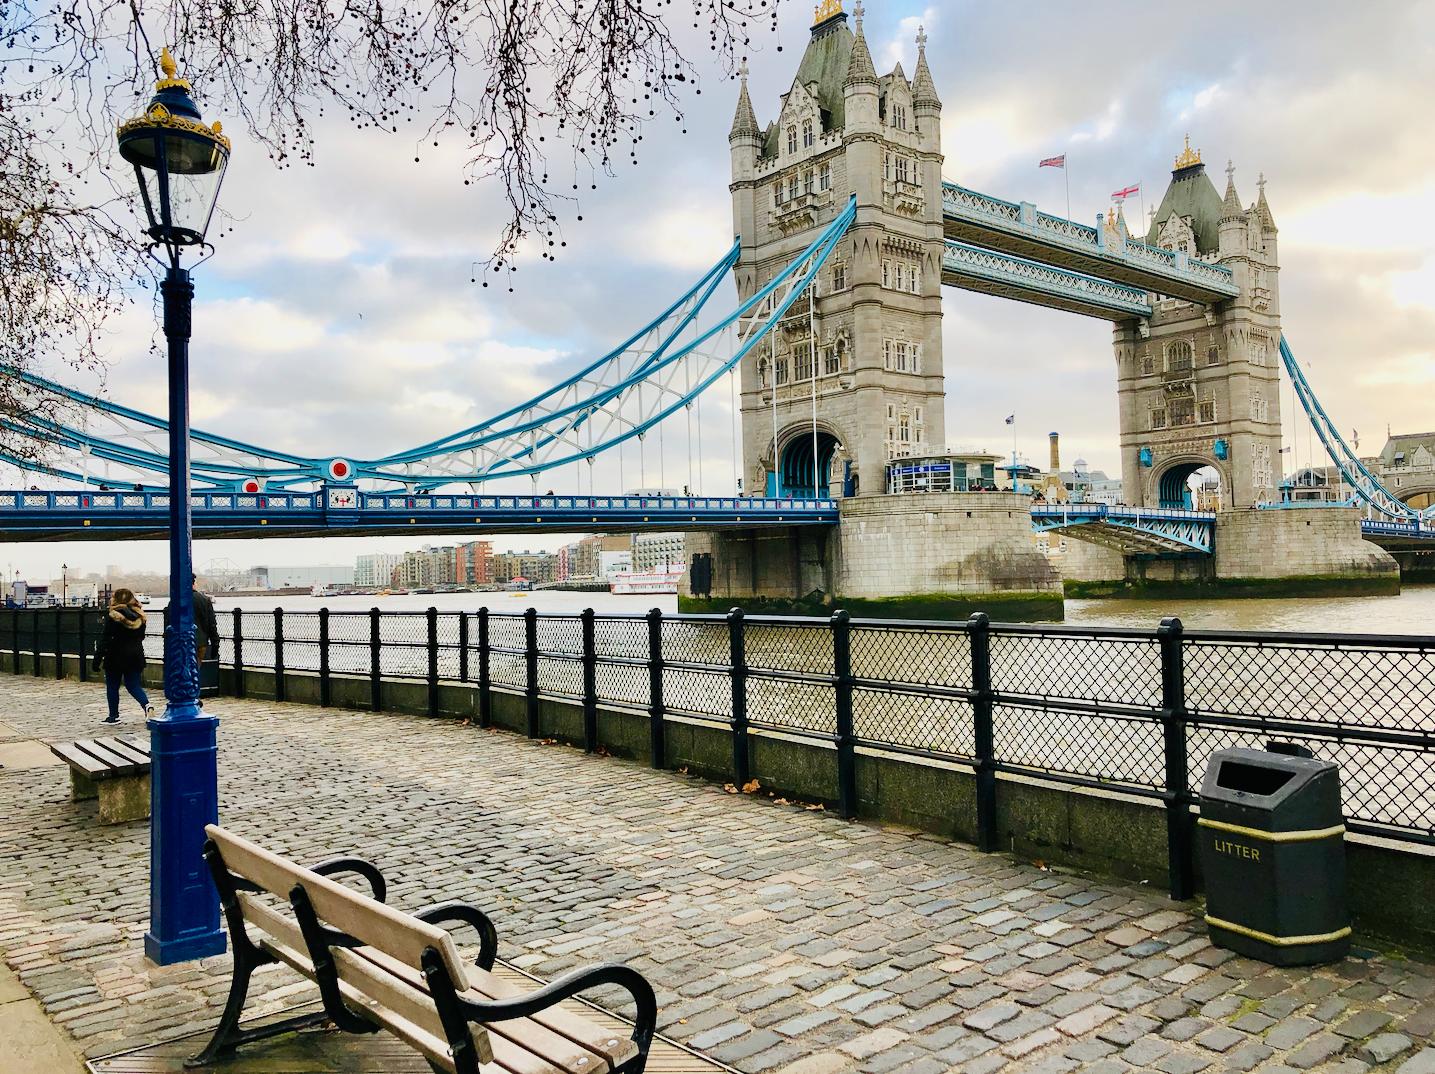 Theems rivier en Tower Bridge gratis attracties in Londen